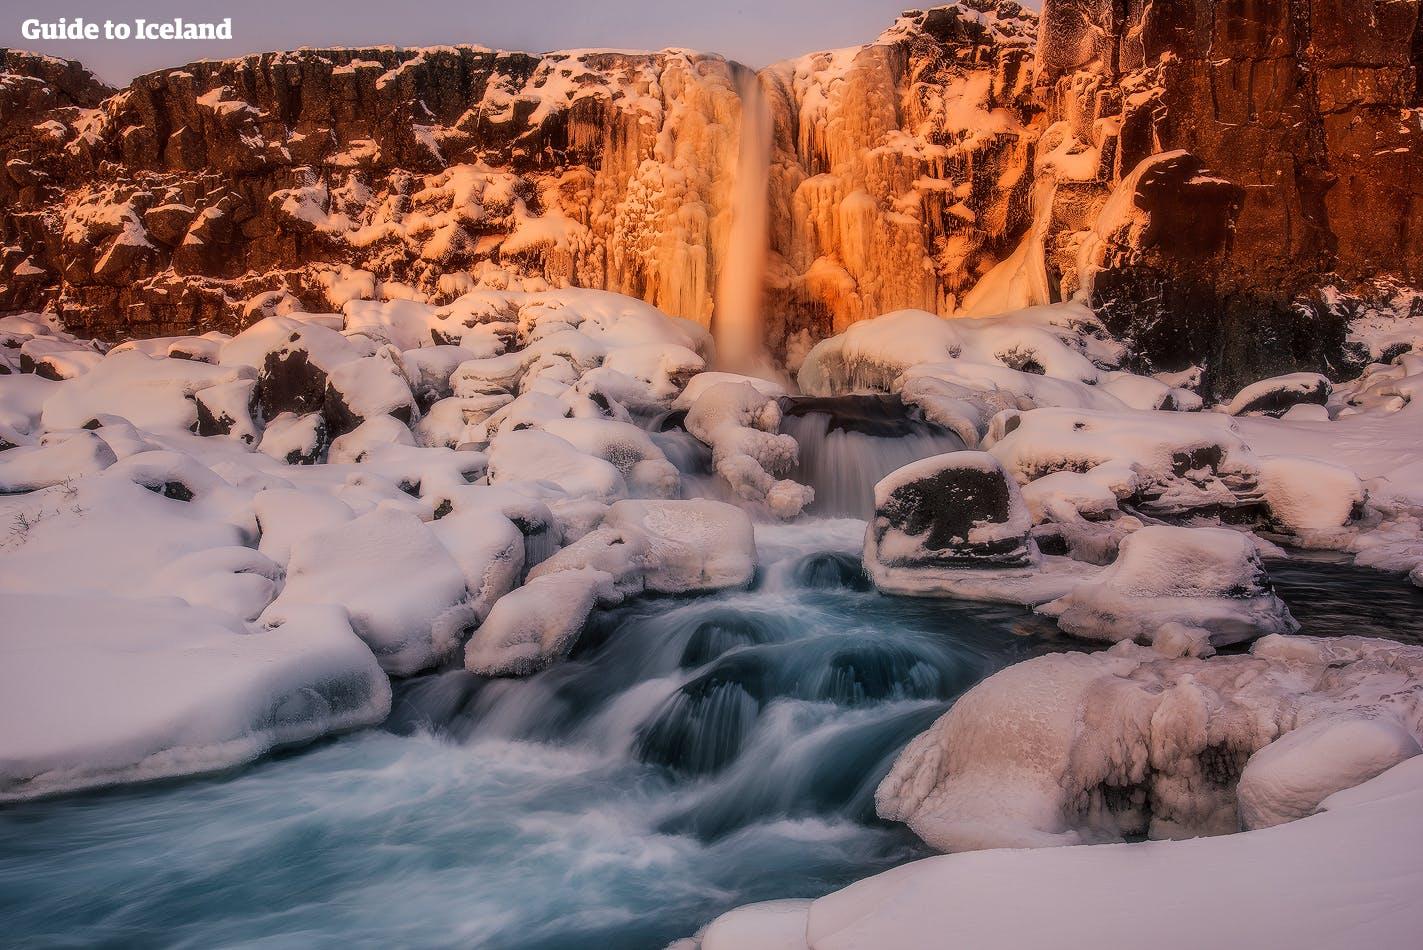 De waterval Öxárfoss in Nationaal park Þingvellir op de Golden Circle-route